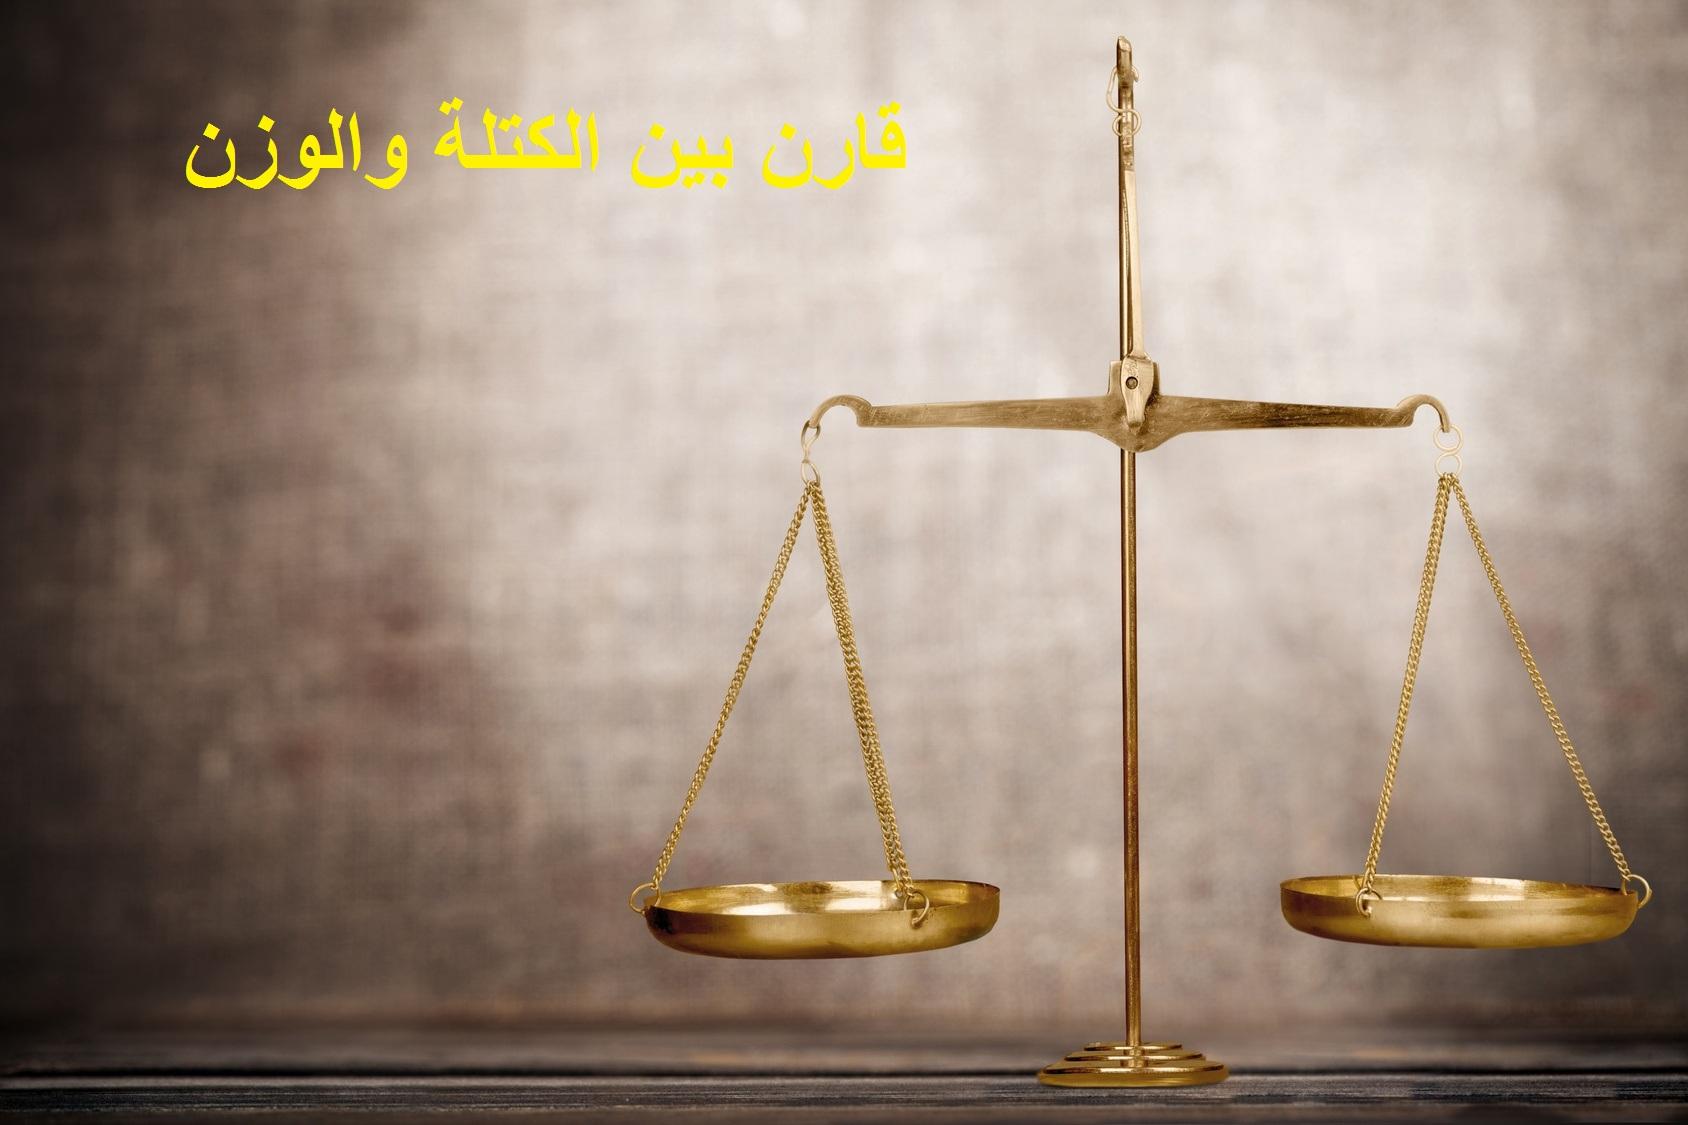 قارن بين الكتلة والوزن .. قانون حساب الفرق بين الوزن والكتلة